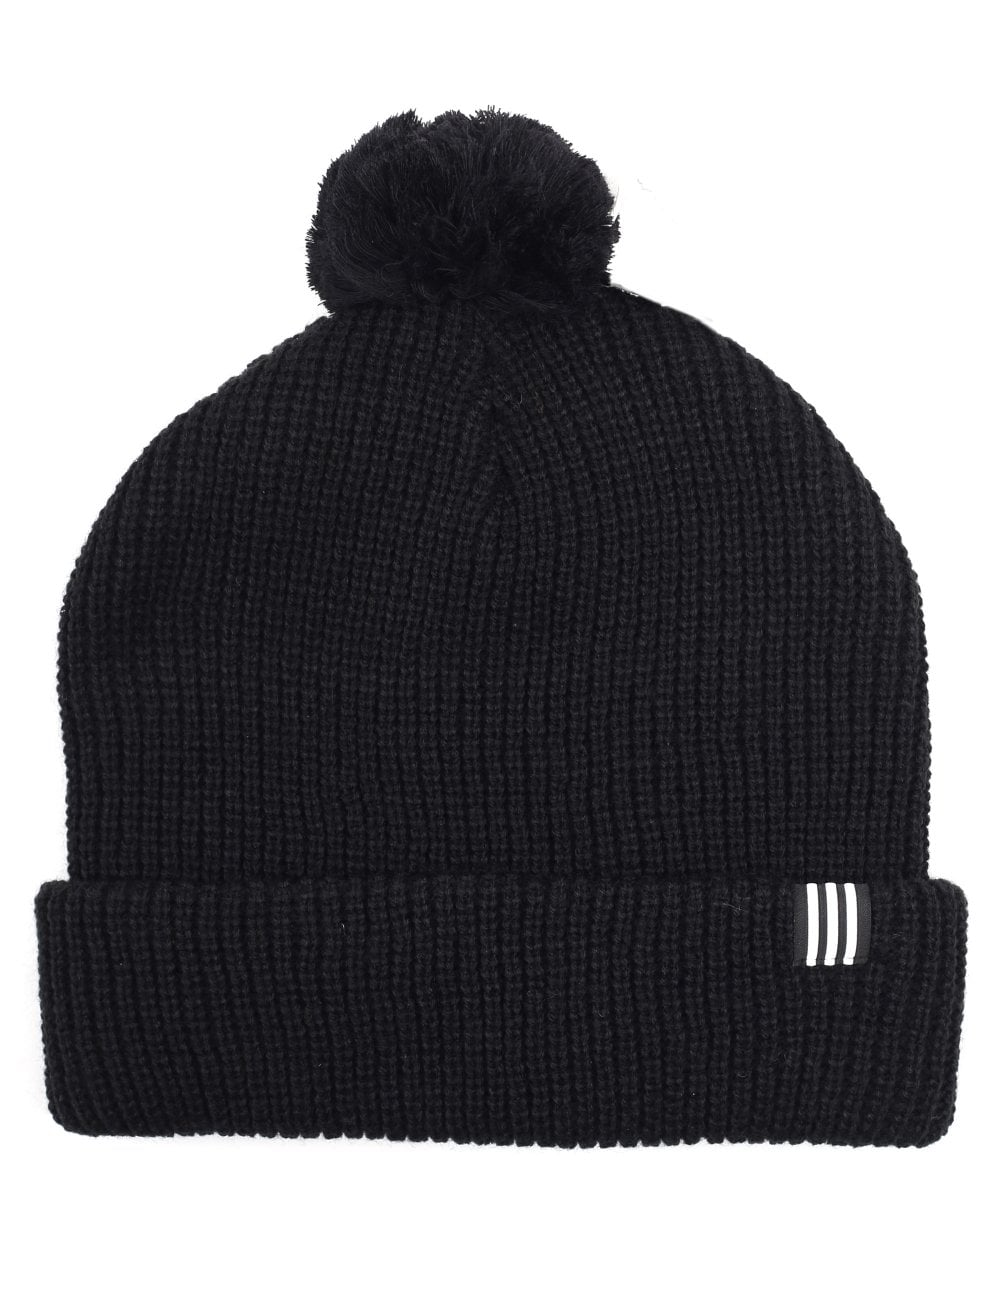 Adidas Men s Pom Pom Beanie Hat Black 20ac356324c